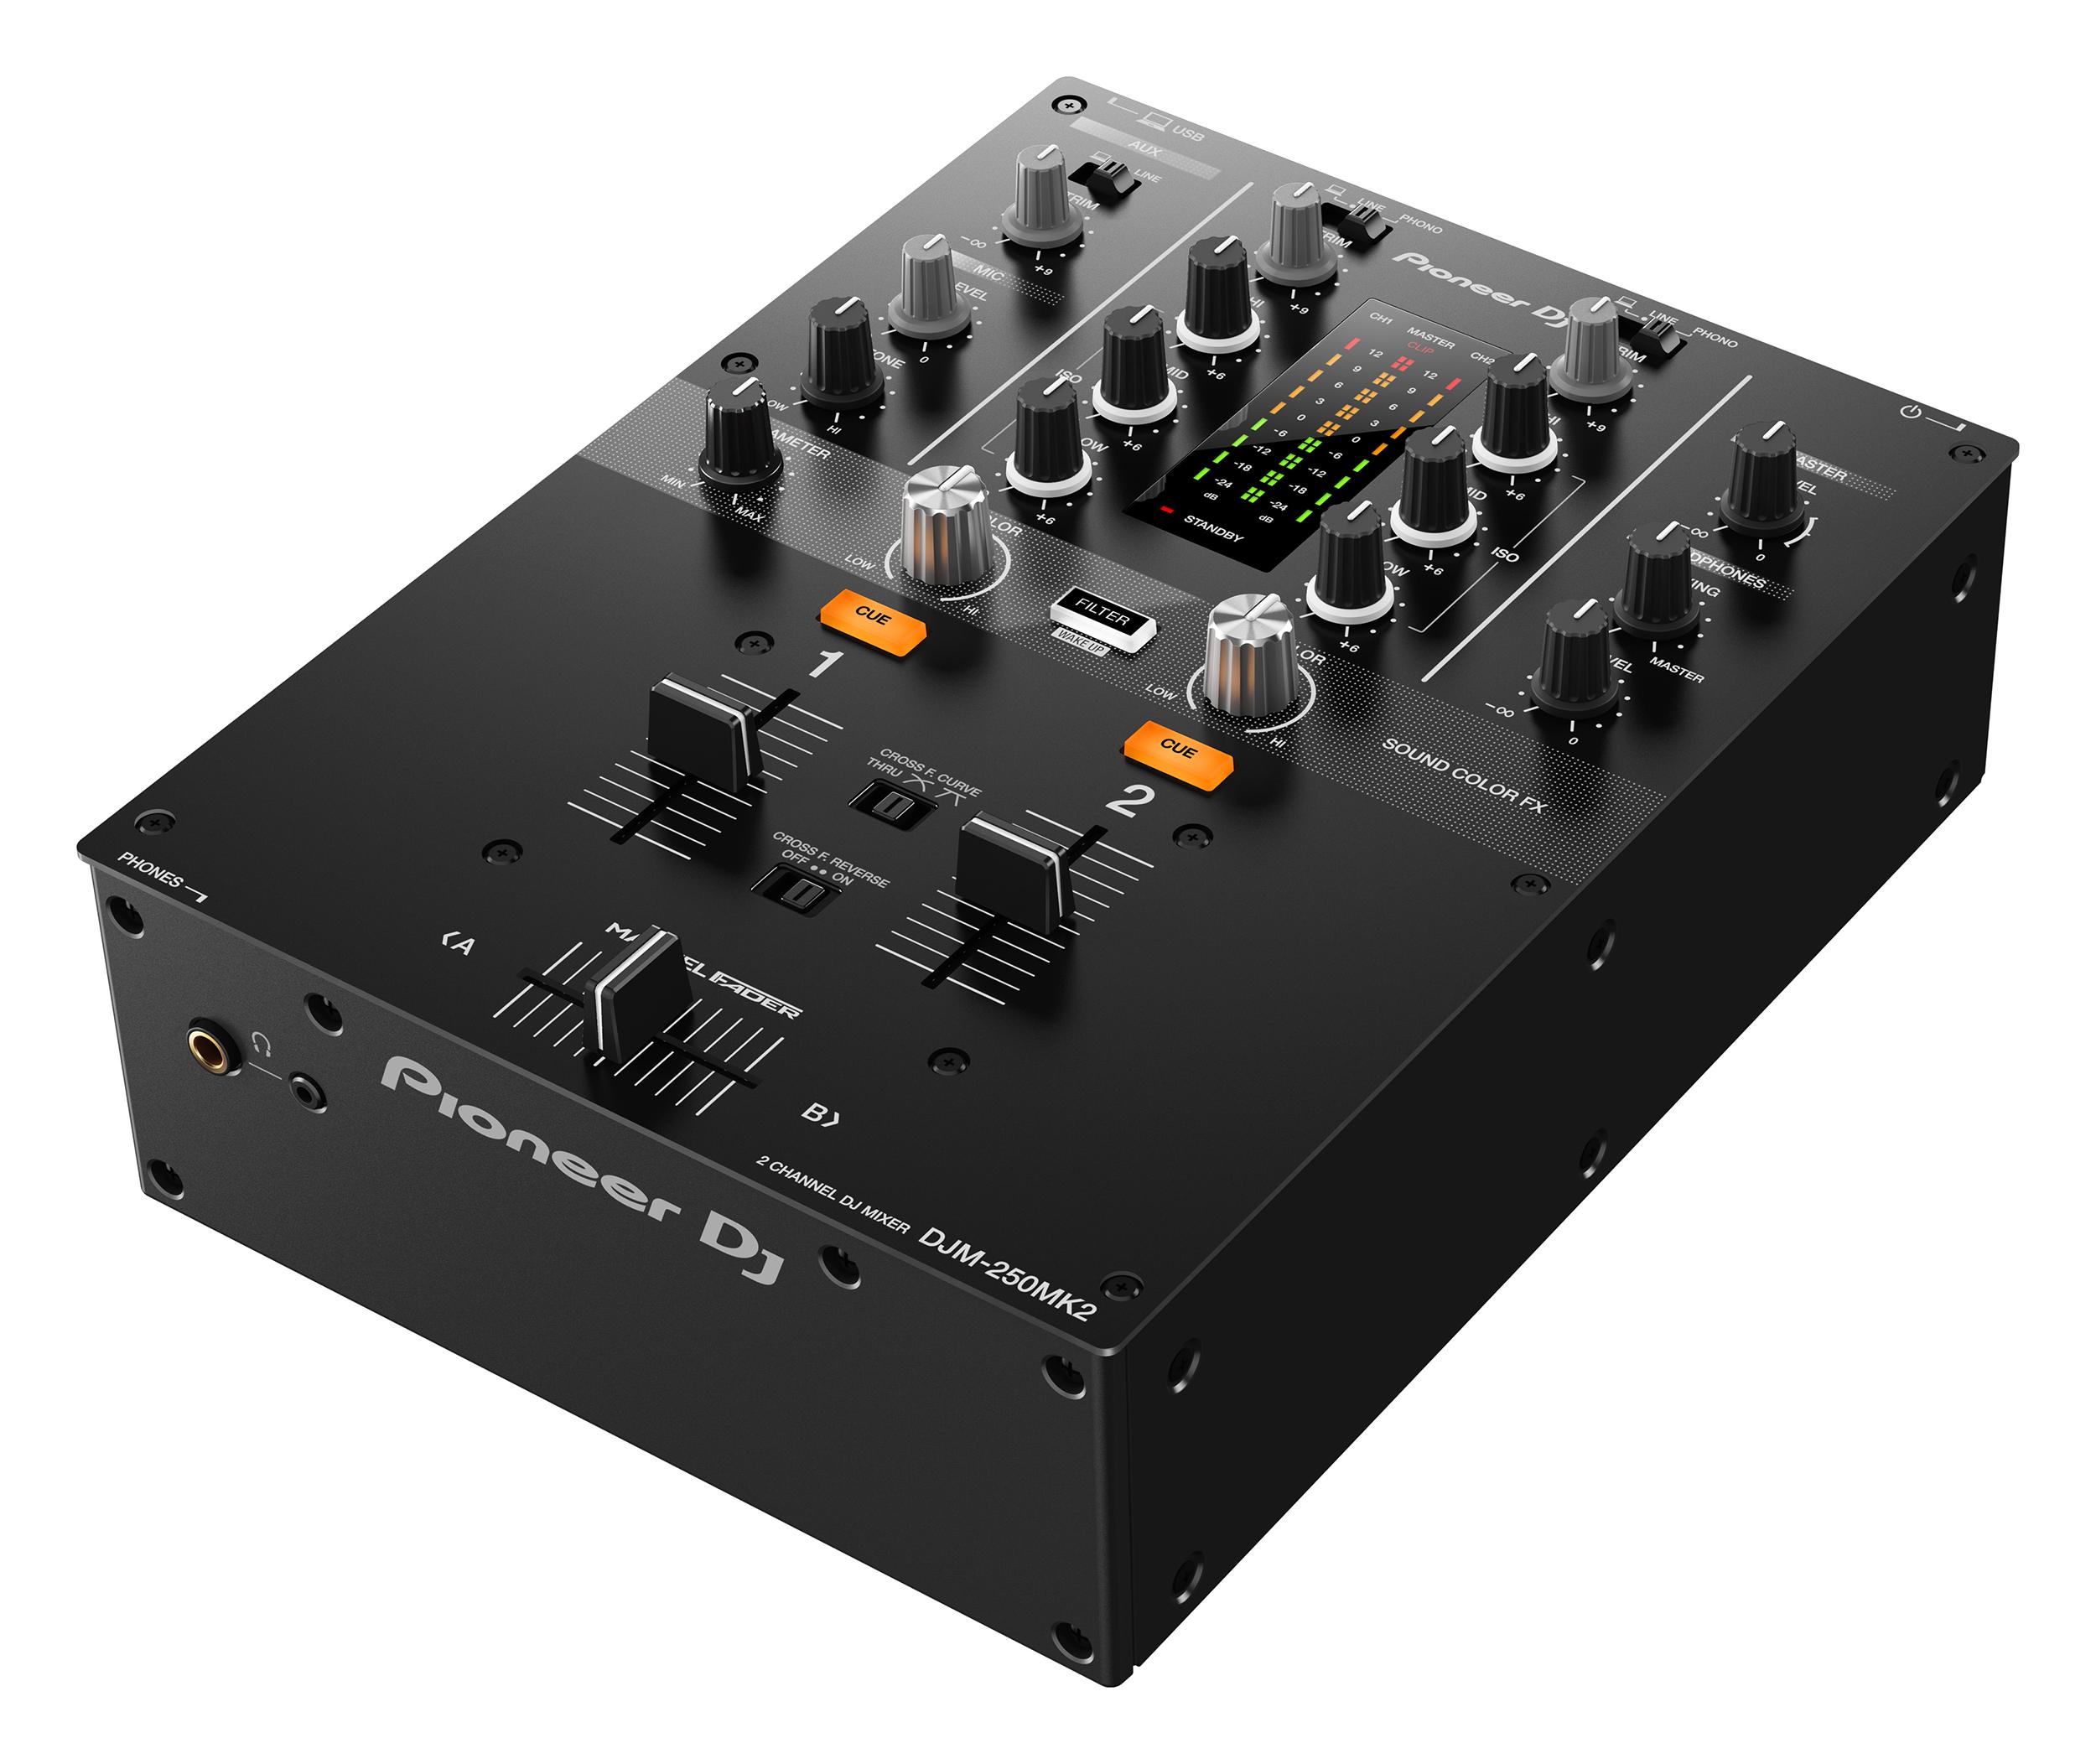 Nuevo mixer Pioneer DJM-250MK2